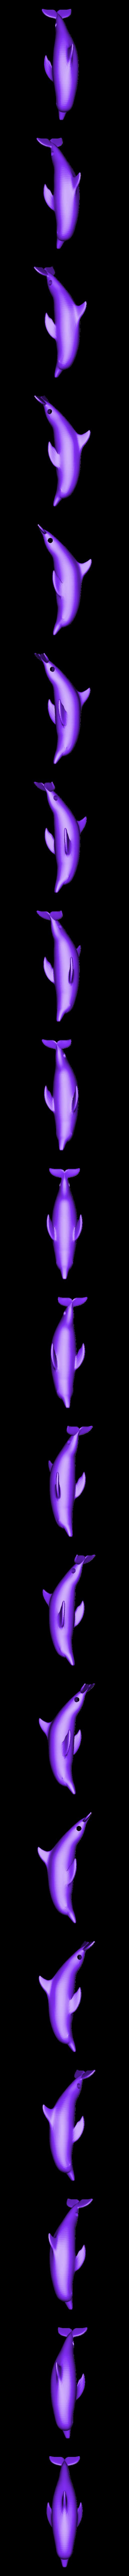 dolphin_charm2.stl Télécharger fichier STL gratuit Charme de dauphin • Modèle imprimable en 3D, cody5